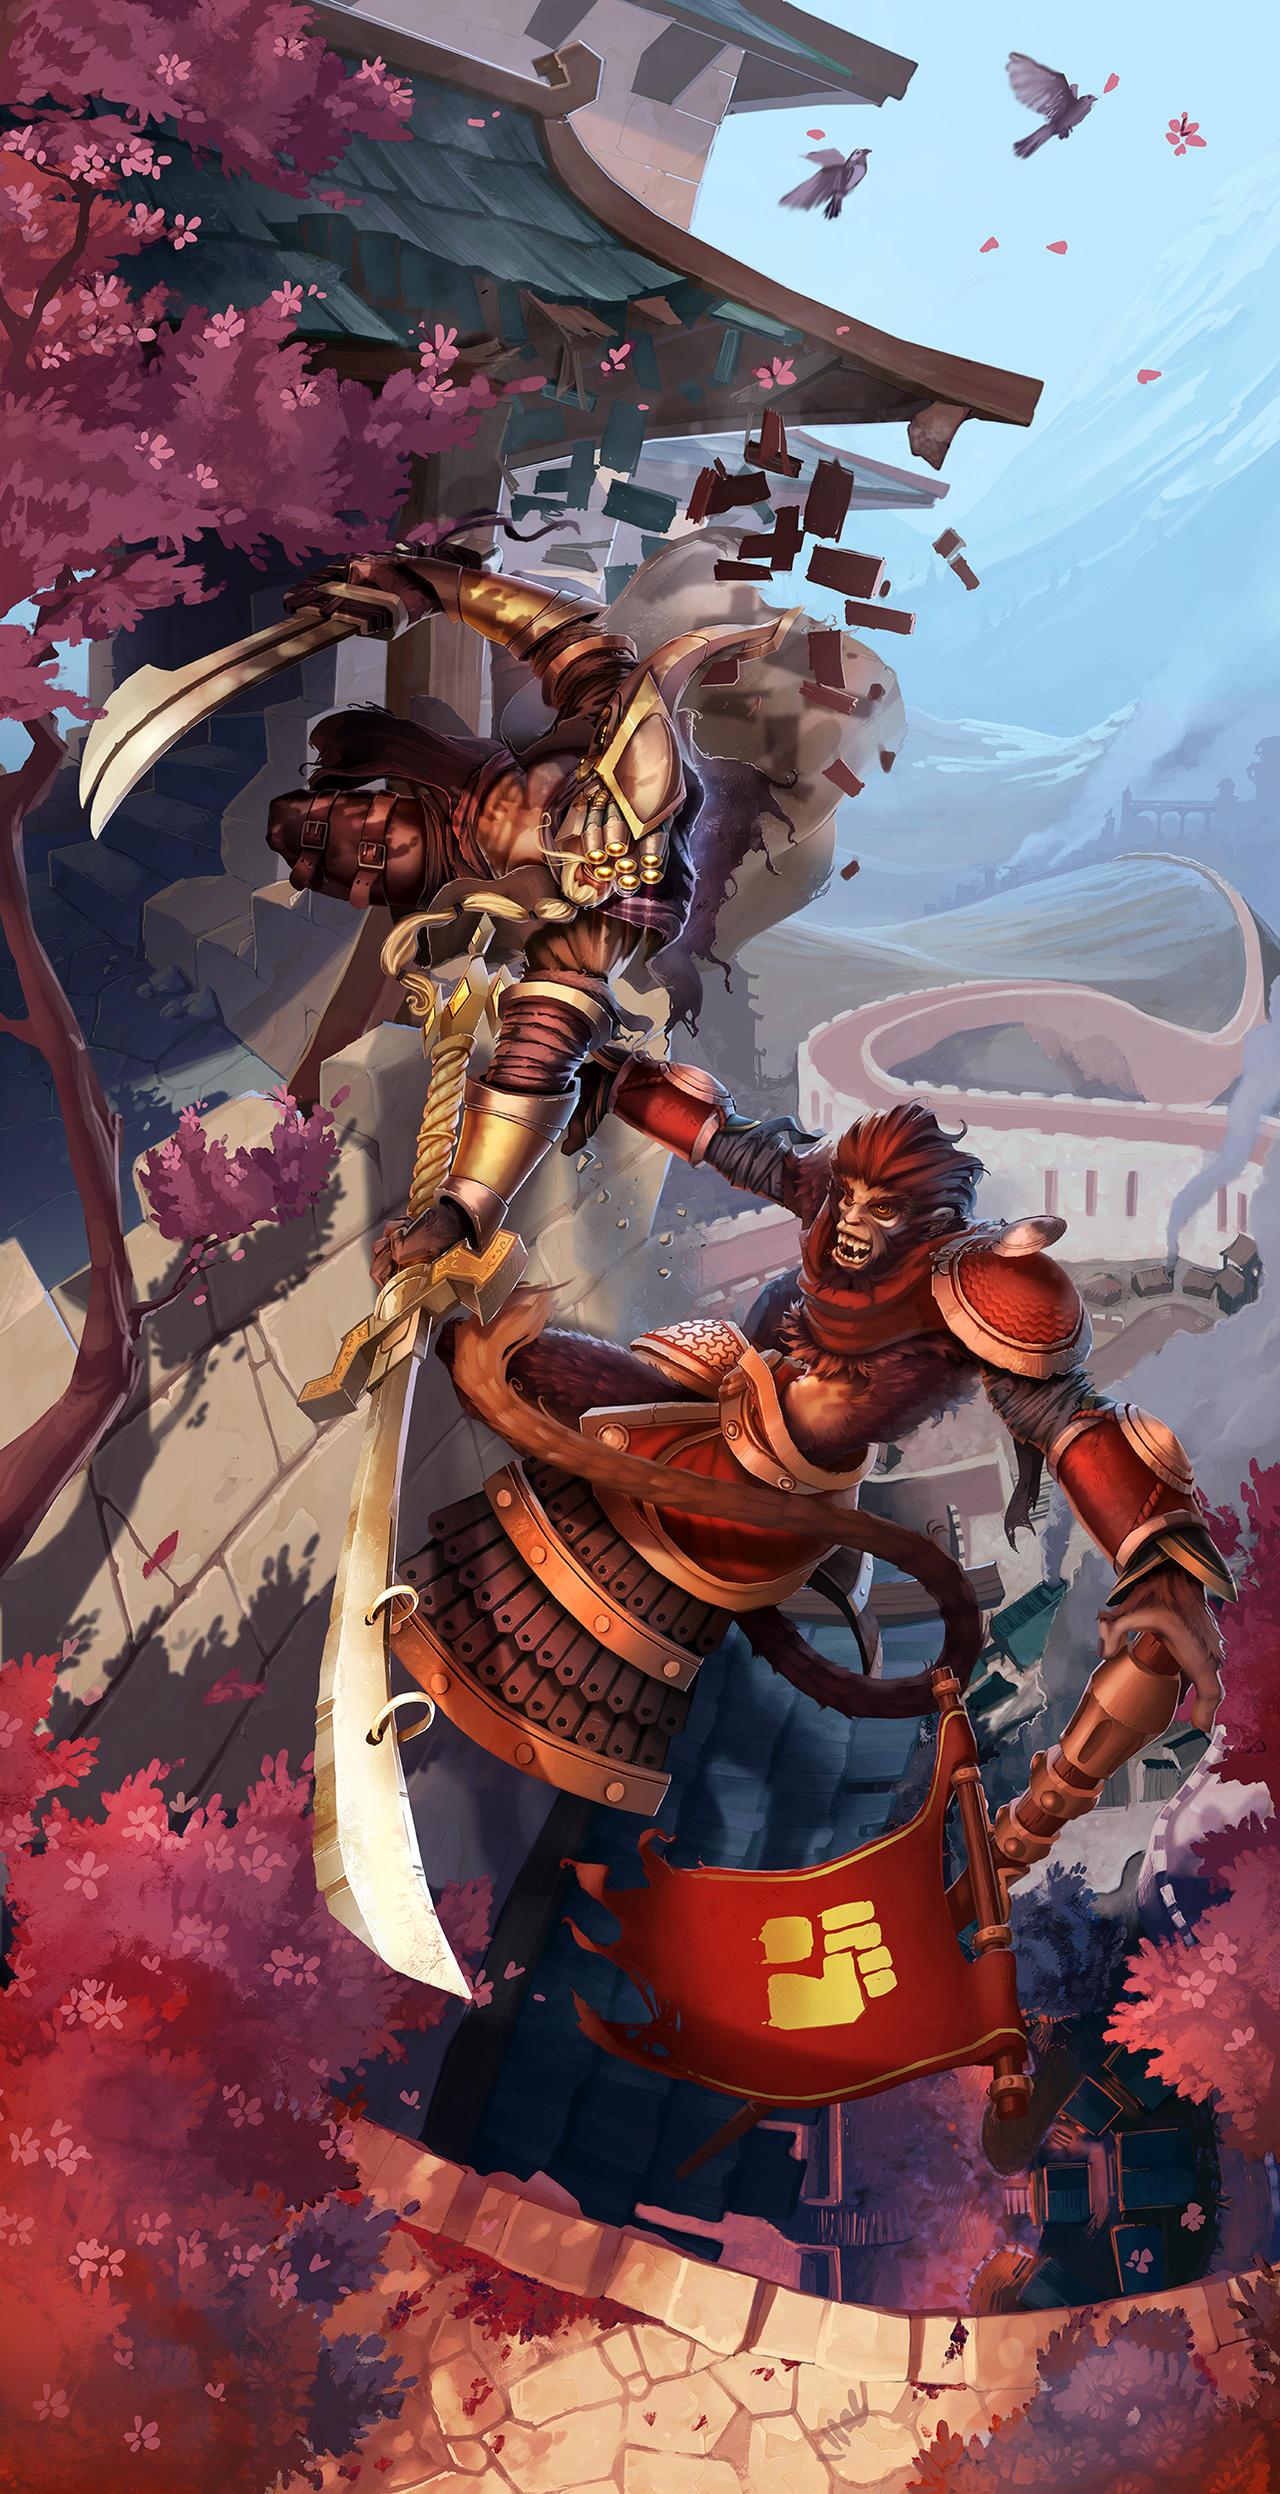 League Of Legends - Wuju Style by Anarki3000